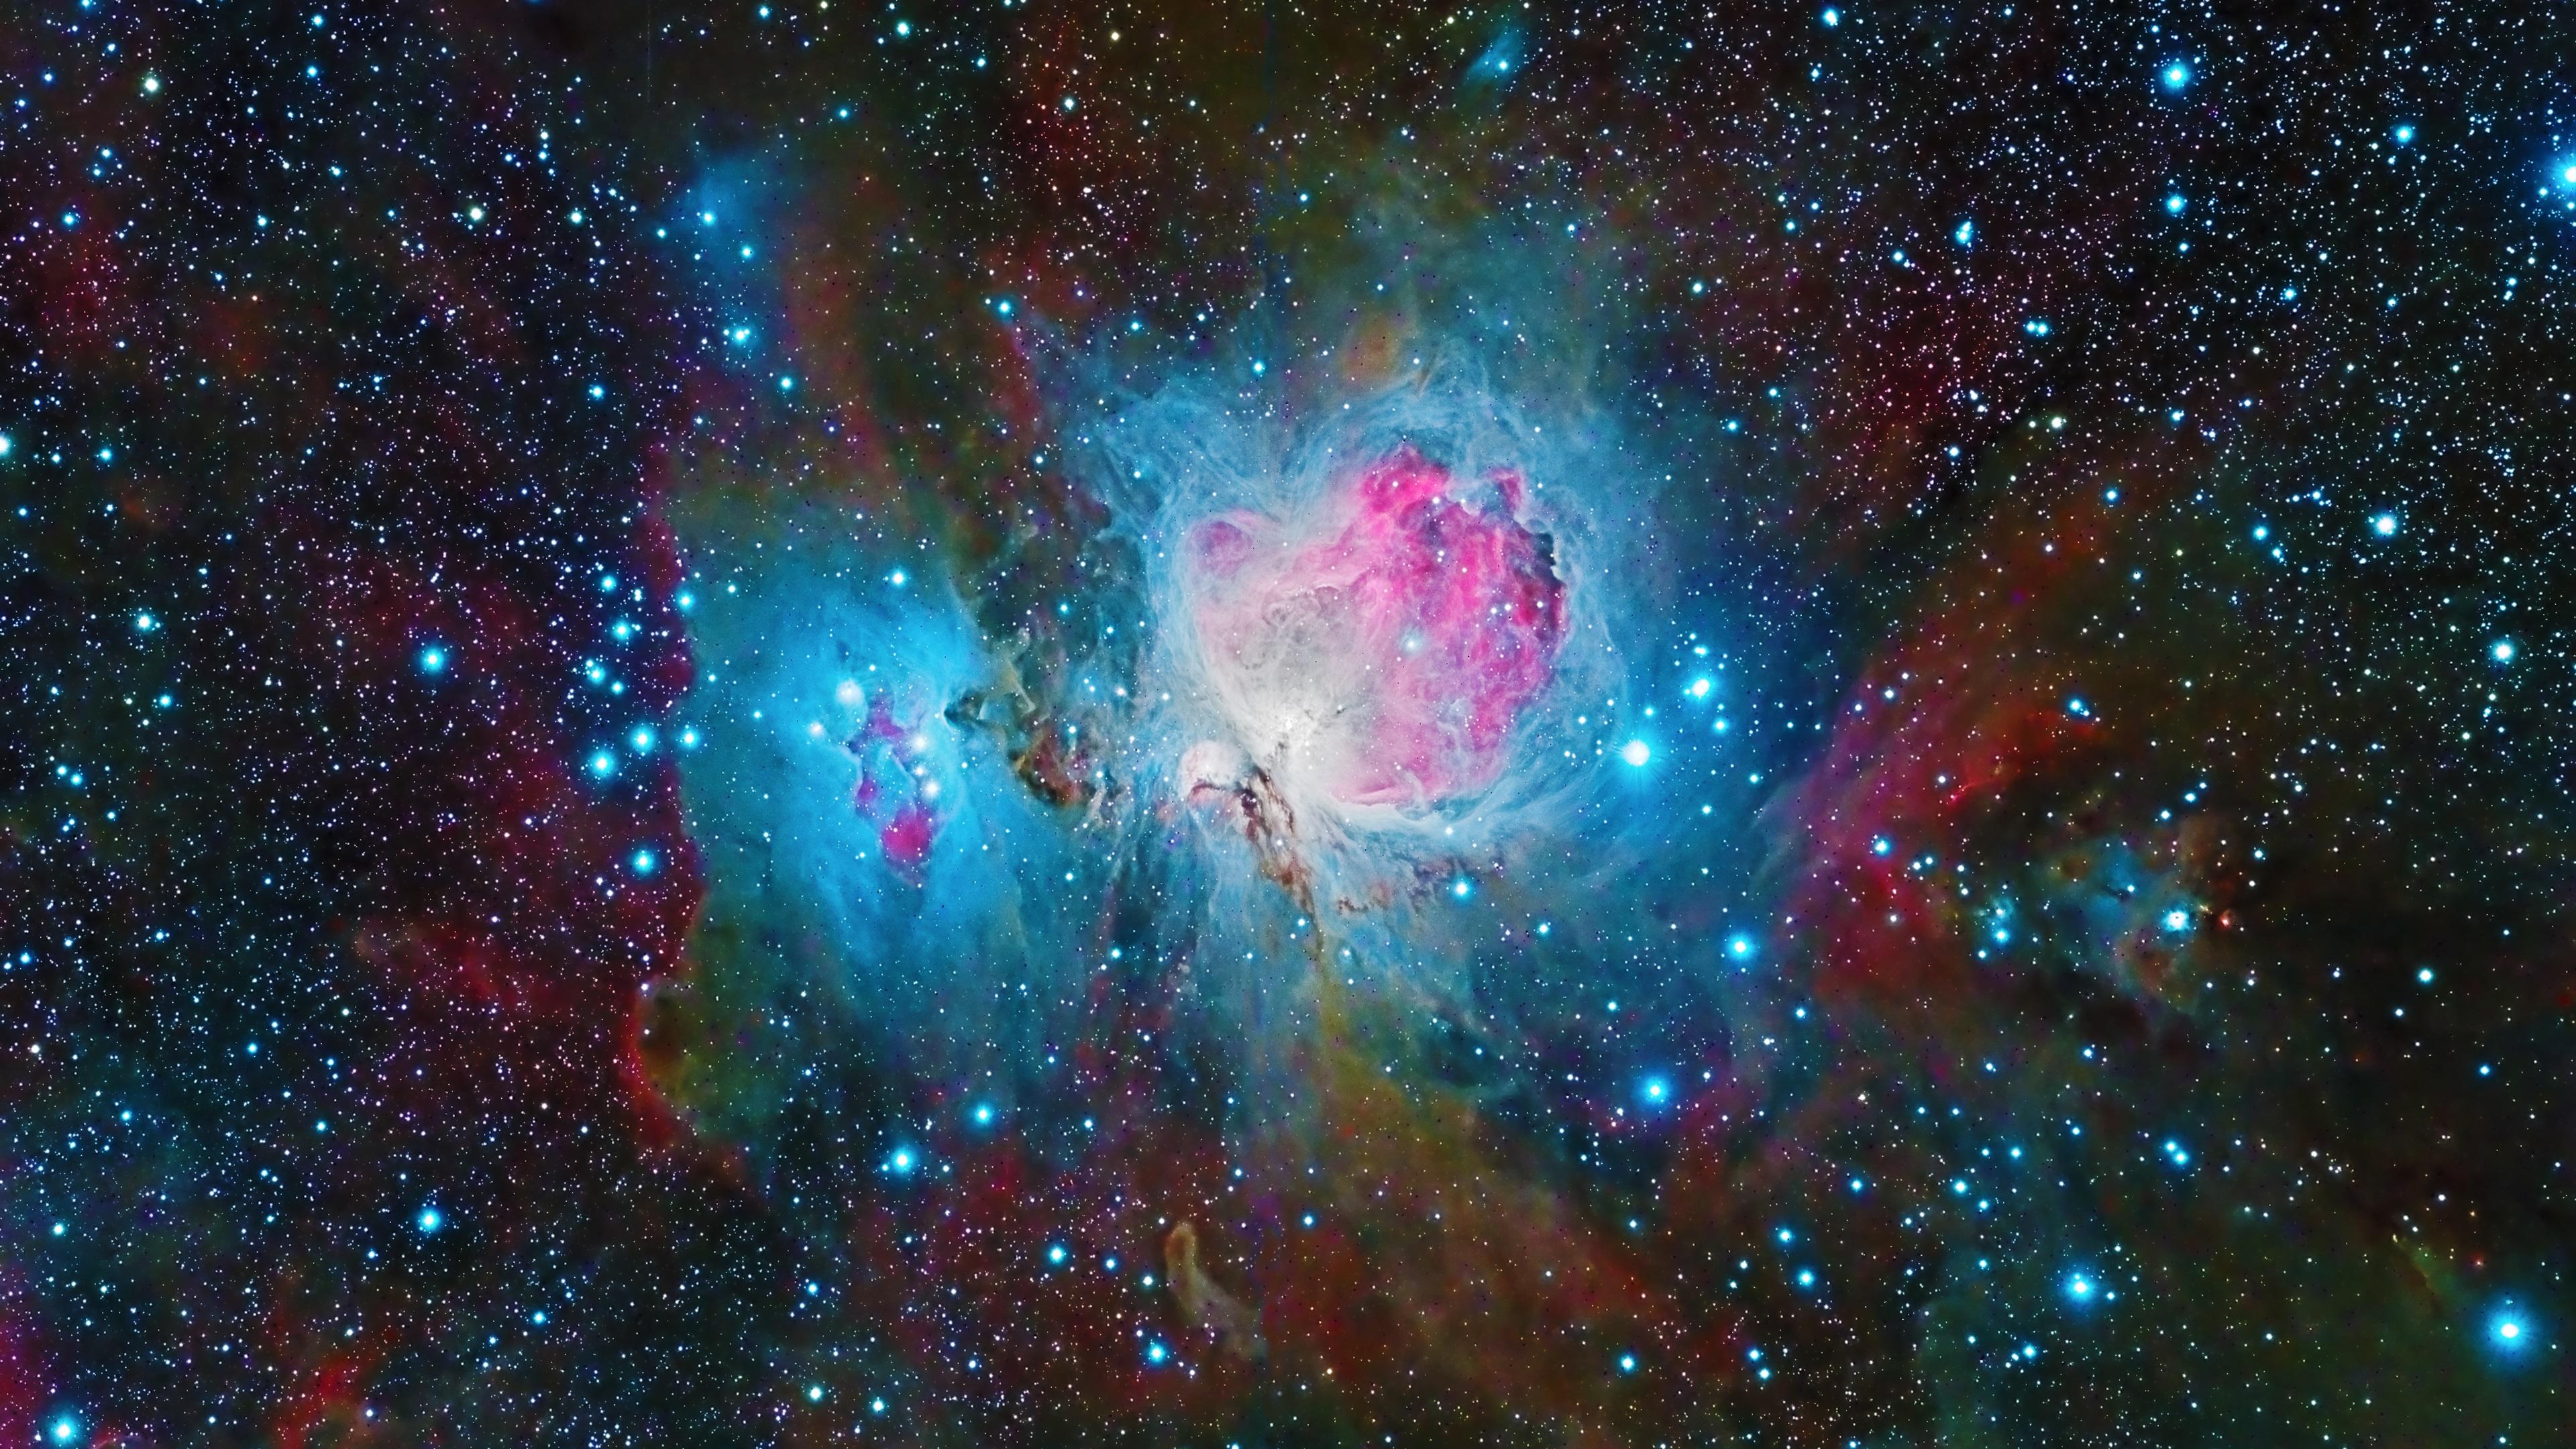 壁紙 オリオン星雲 美しい宇宙 星 3840x2160 Uhd 4k 無料のデスクトップの背景 画像